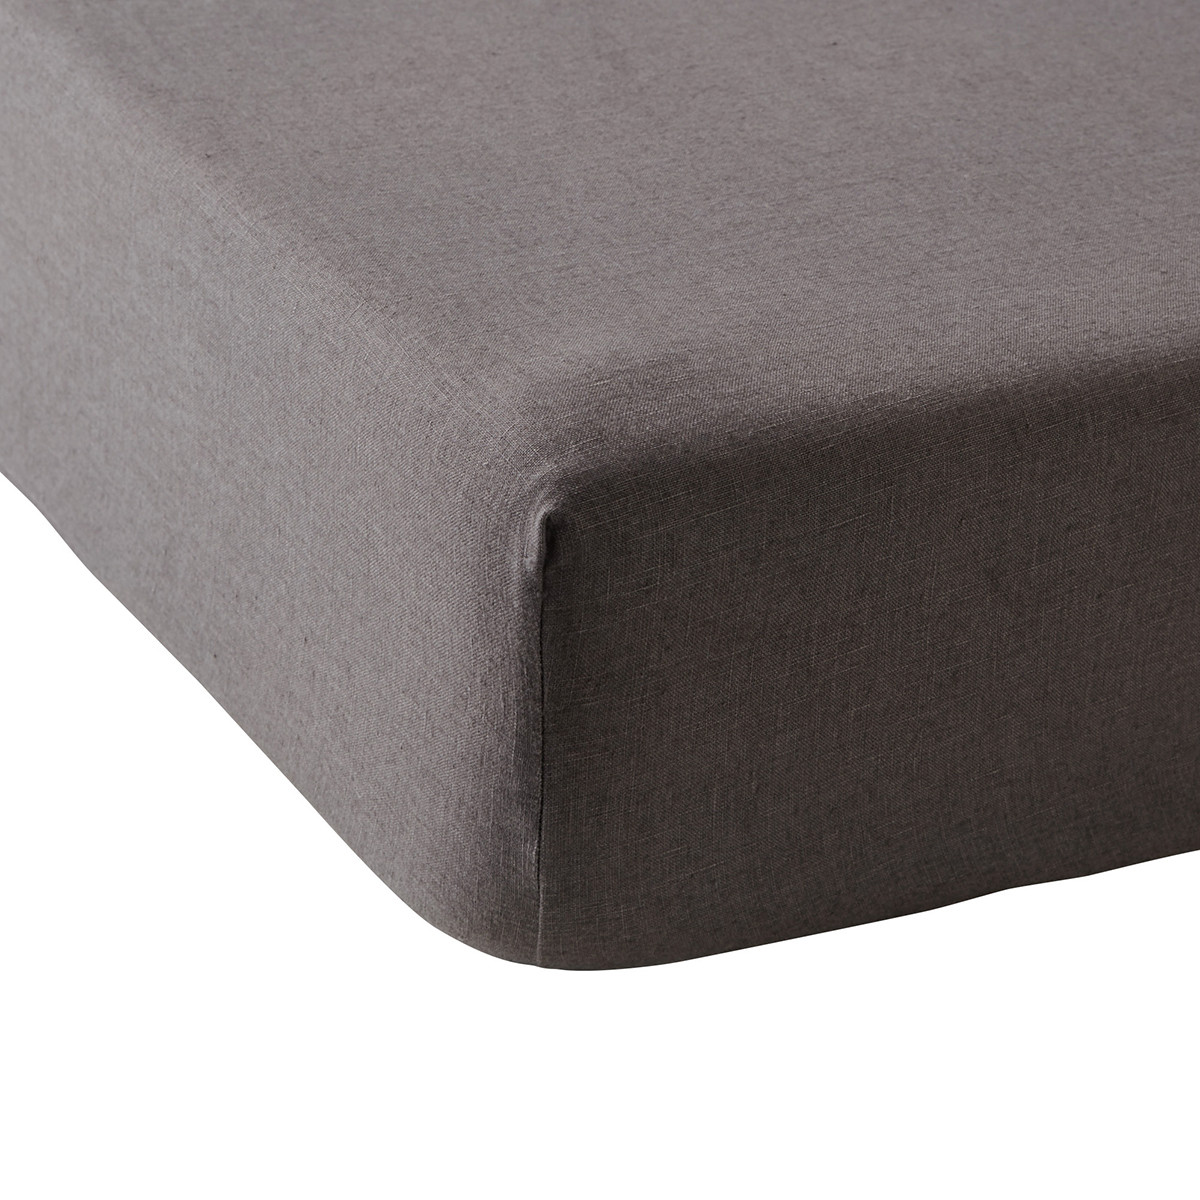 Drap housse lin 90x190 cm graphite